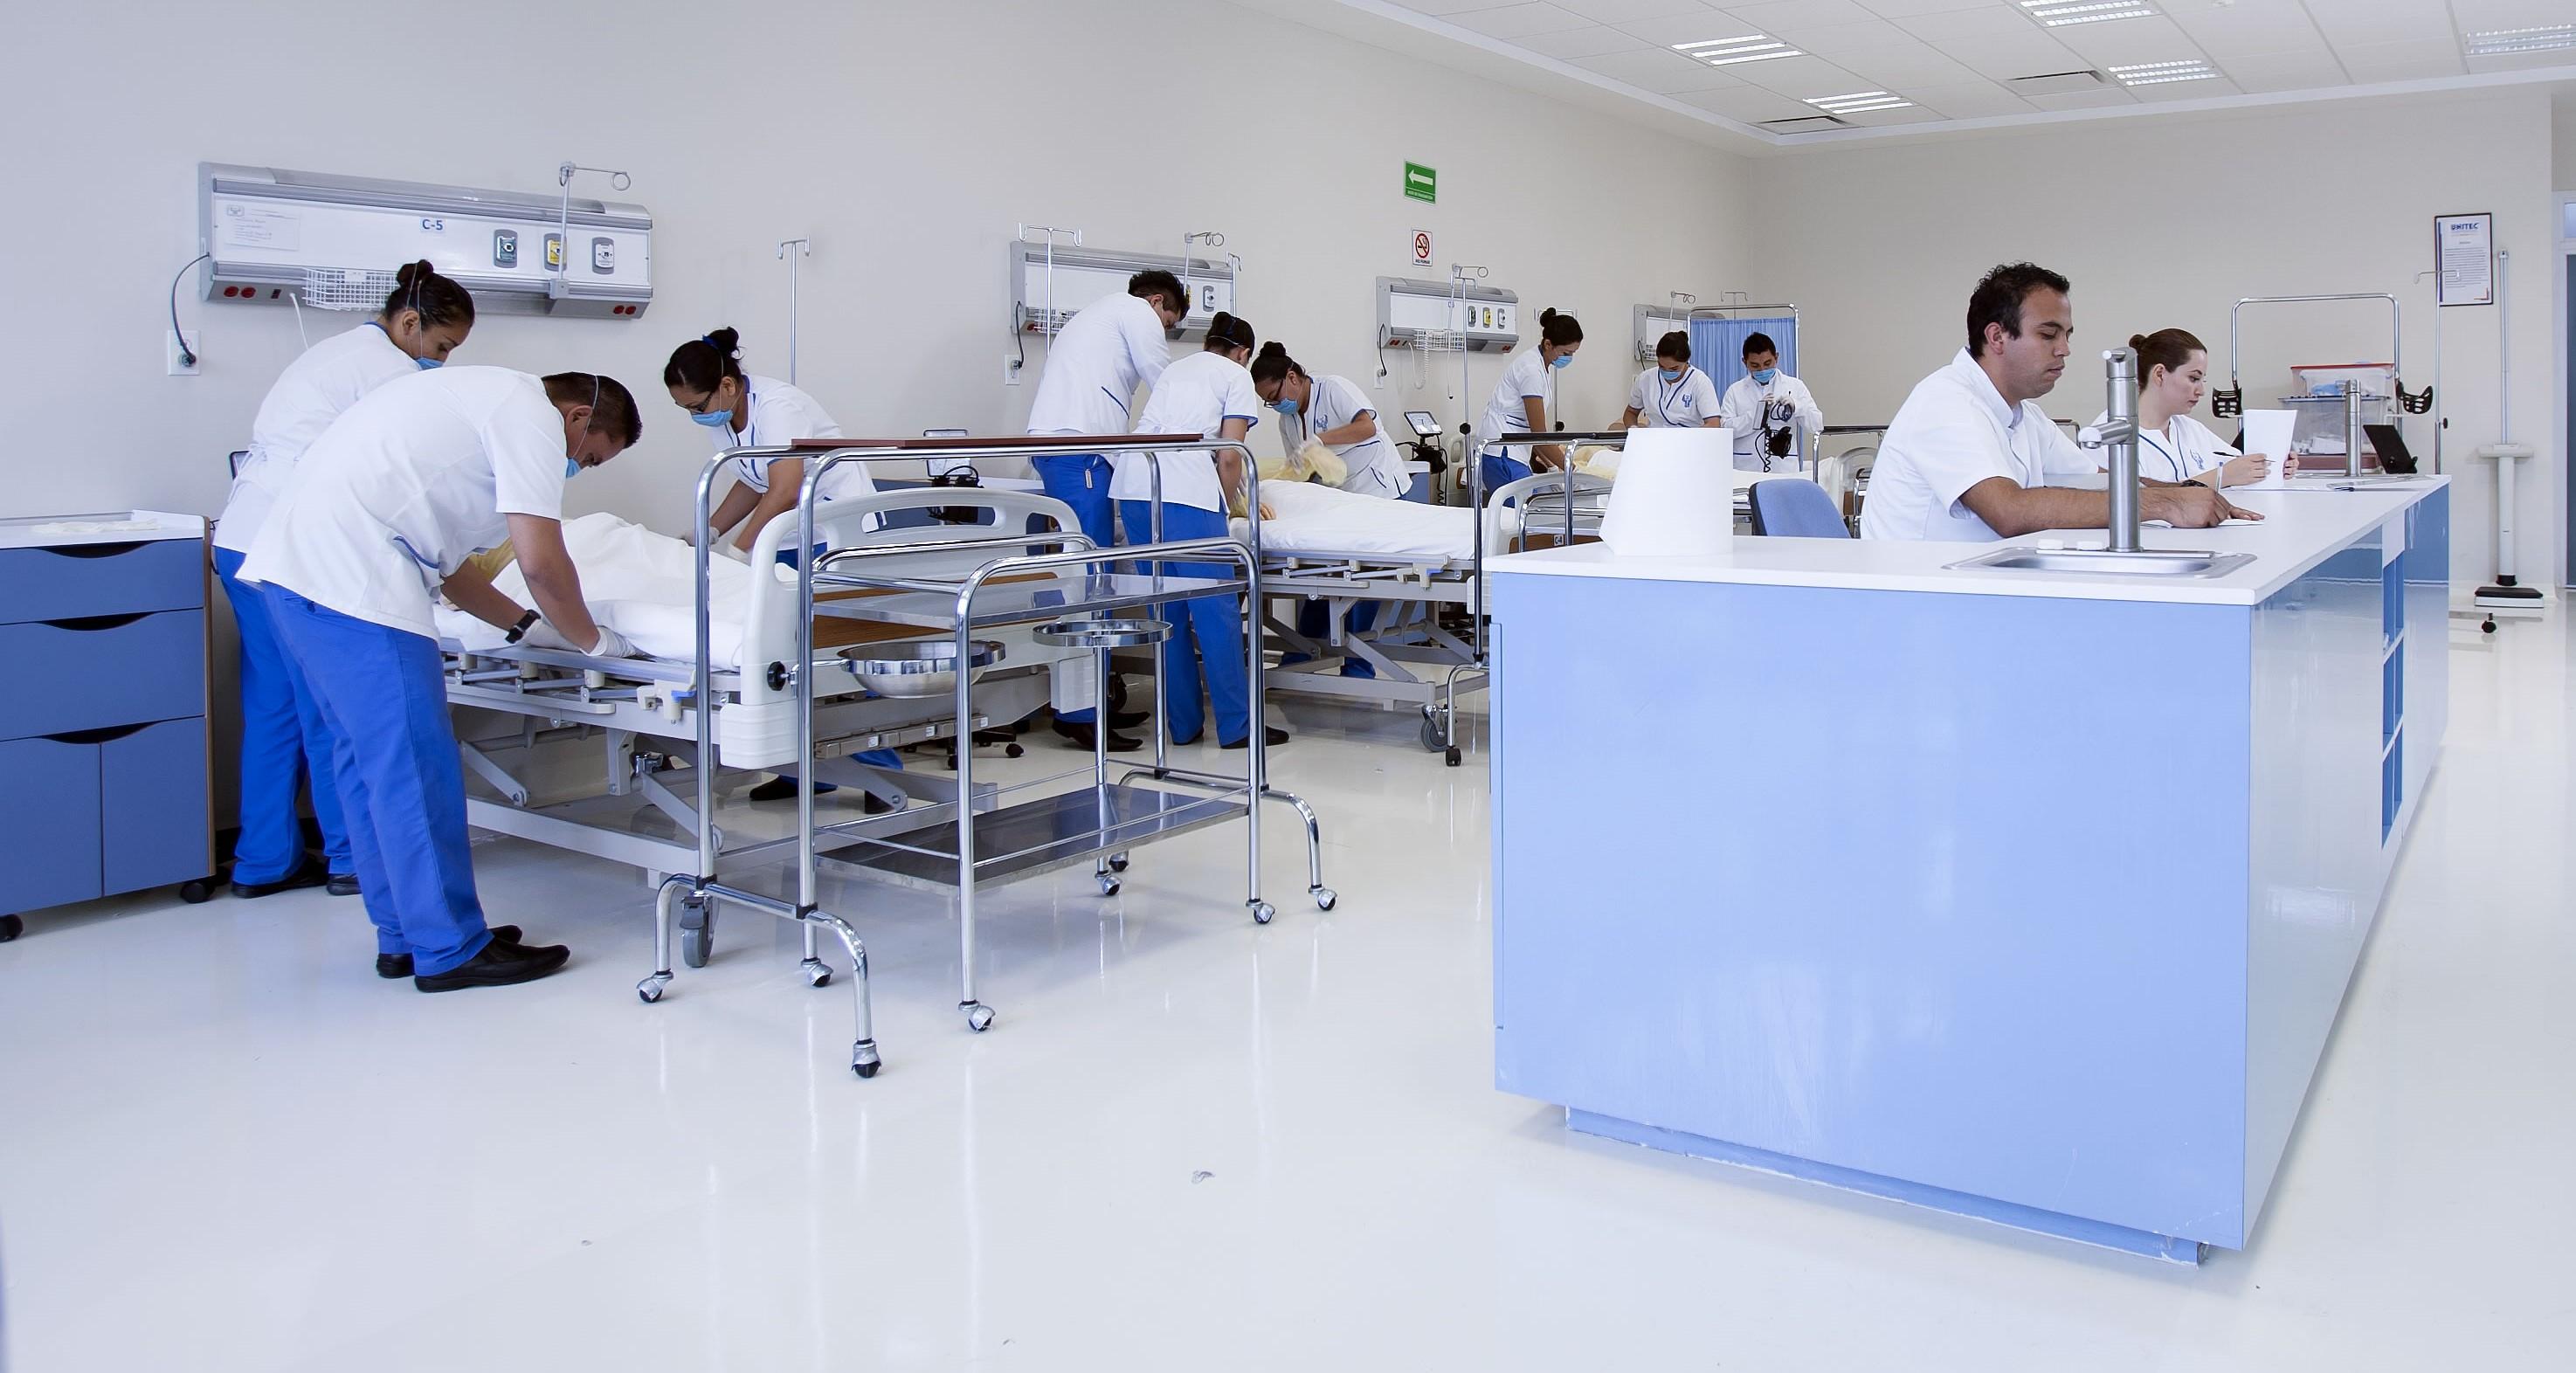 Ética profesional en la enfermería - Featured Image